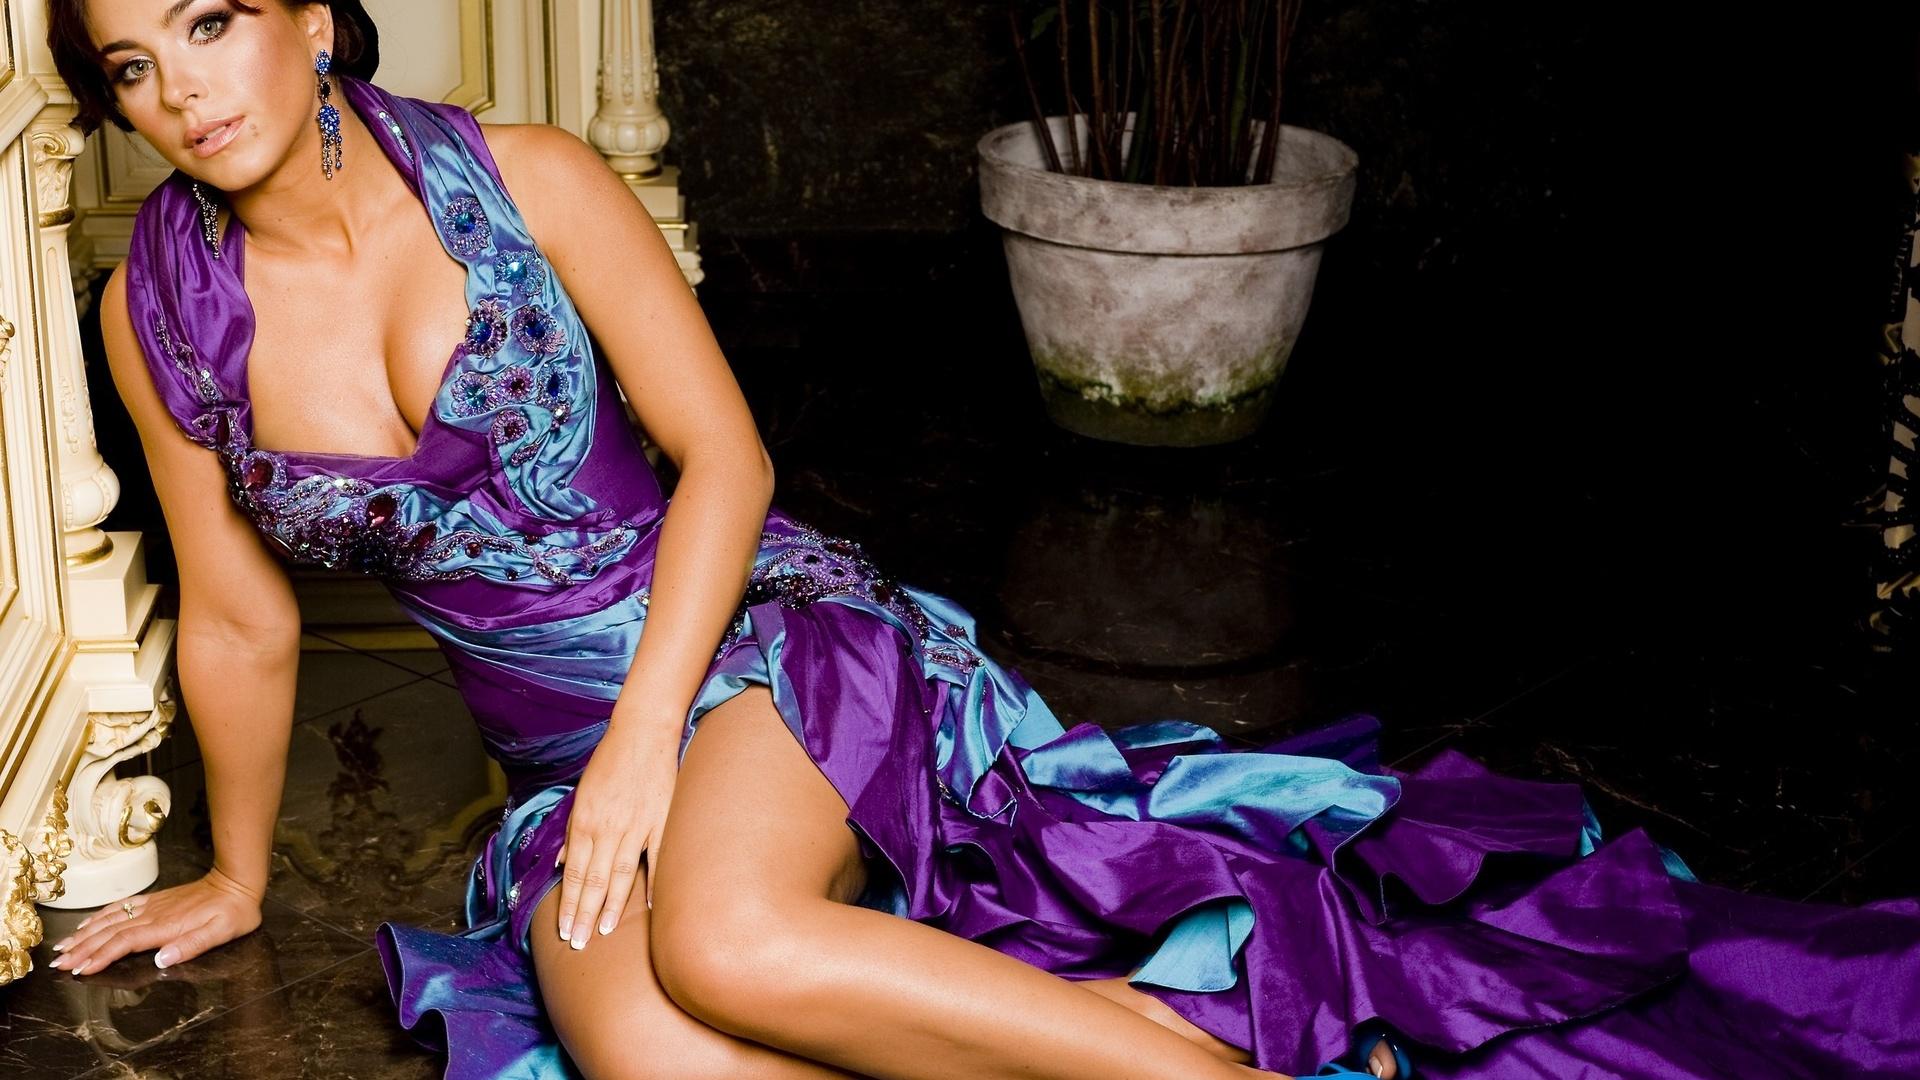 ани лорак, украинская певица, заслуженная артистка украины, народная артистка украины